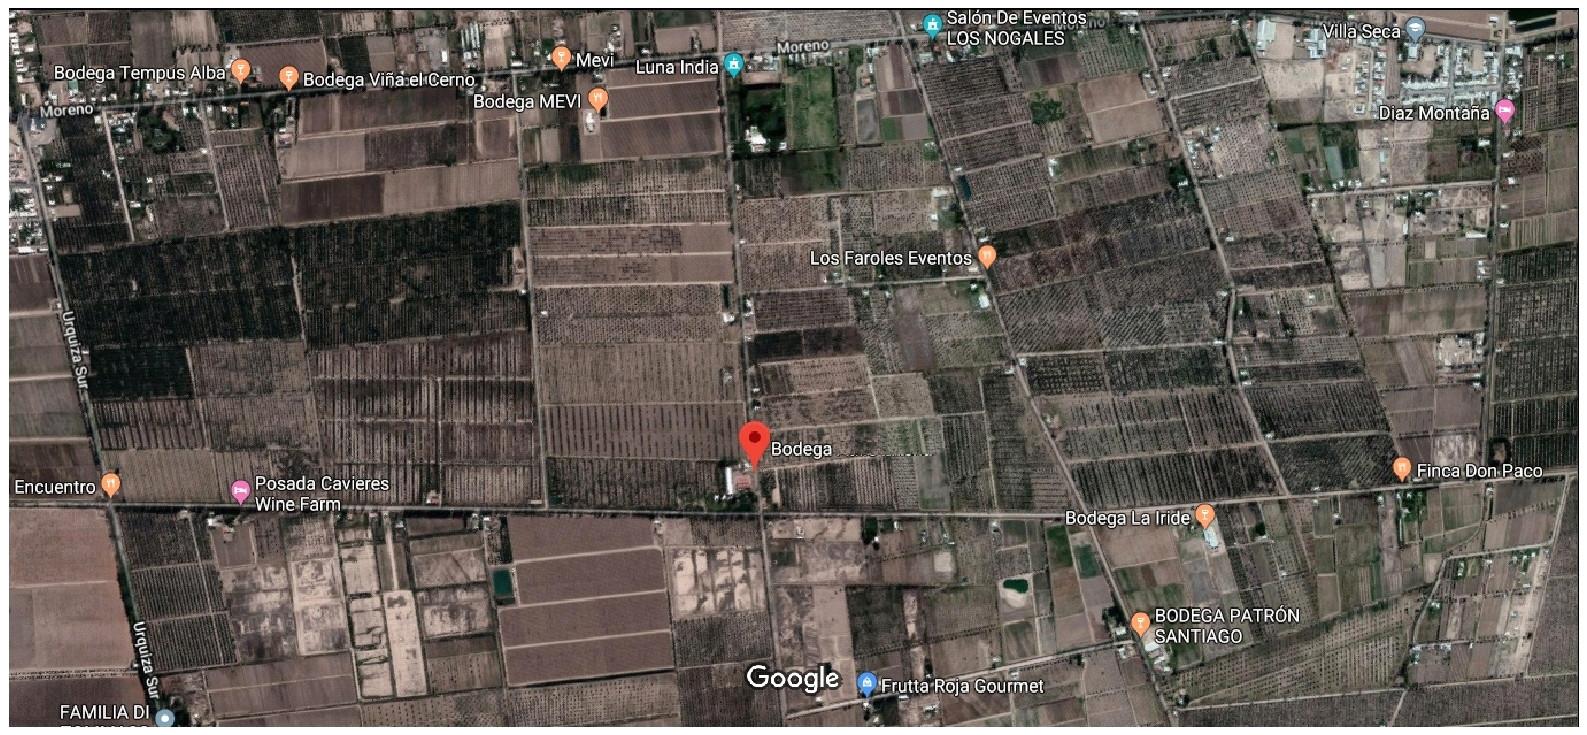 Ubicada en la primera zona vitivinícola de Mendoza. La calle esta prevista asfaltarla y ser el anillo de circunvalación que une acceso este de Mendoza con la ruta 60 de acceso a la ruta a Chile, evitando el centro de Mendoza.